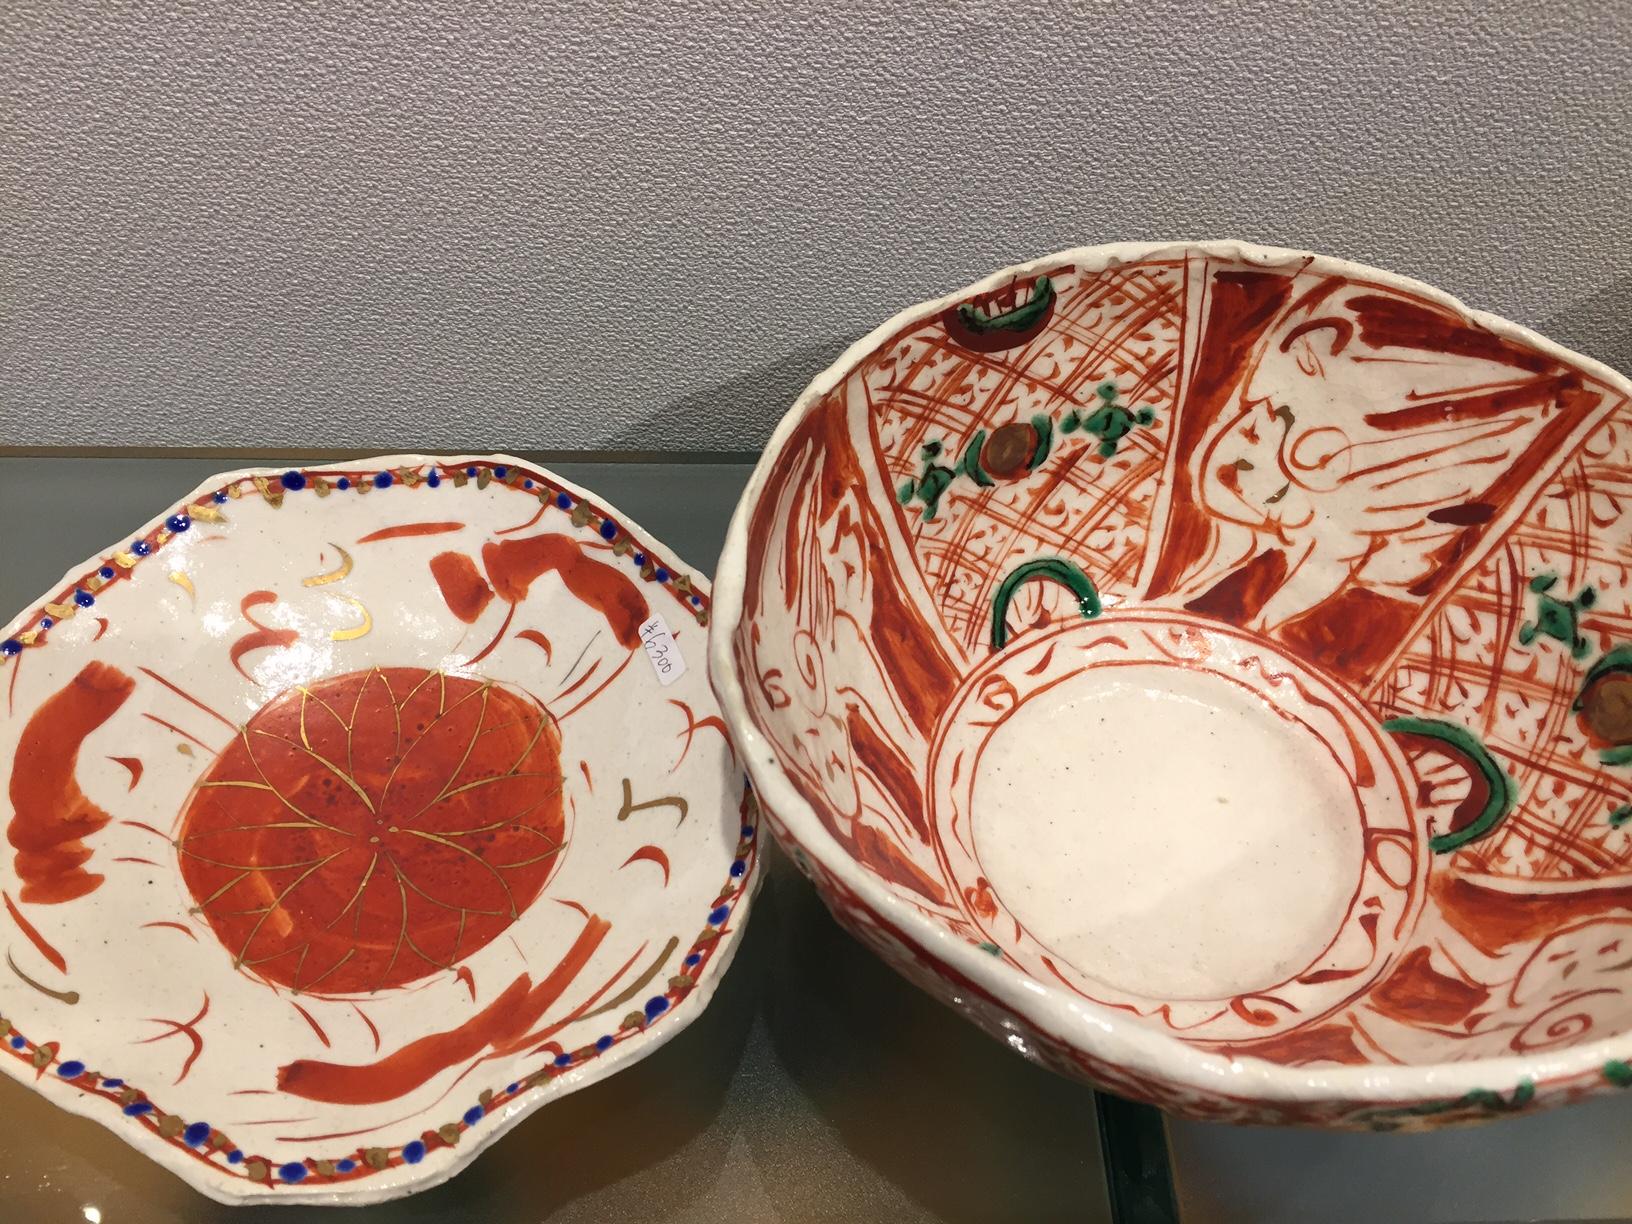 いろいろな陶器展